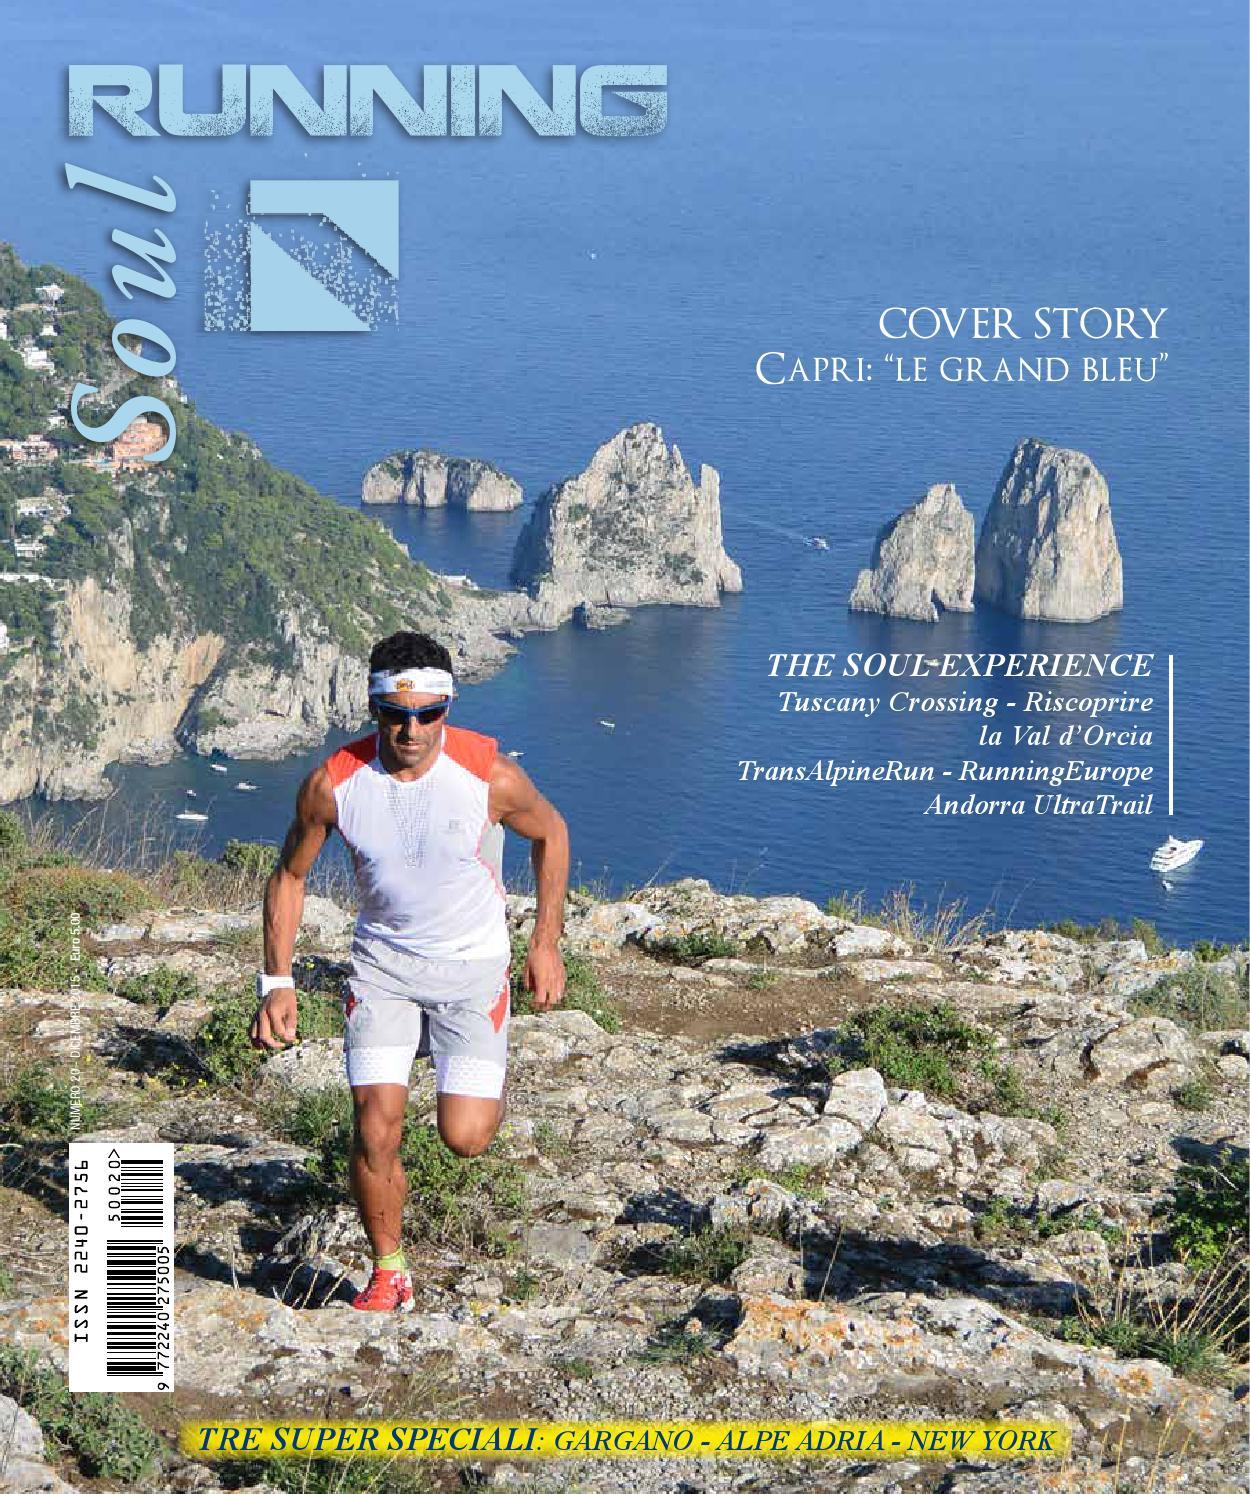 Carinzia Windstopper TEMPO FREDDO Pantaloni-MEDIUM-NUOVO